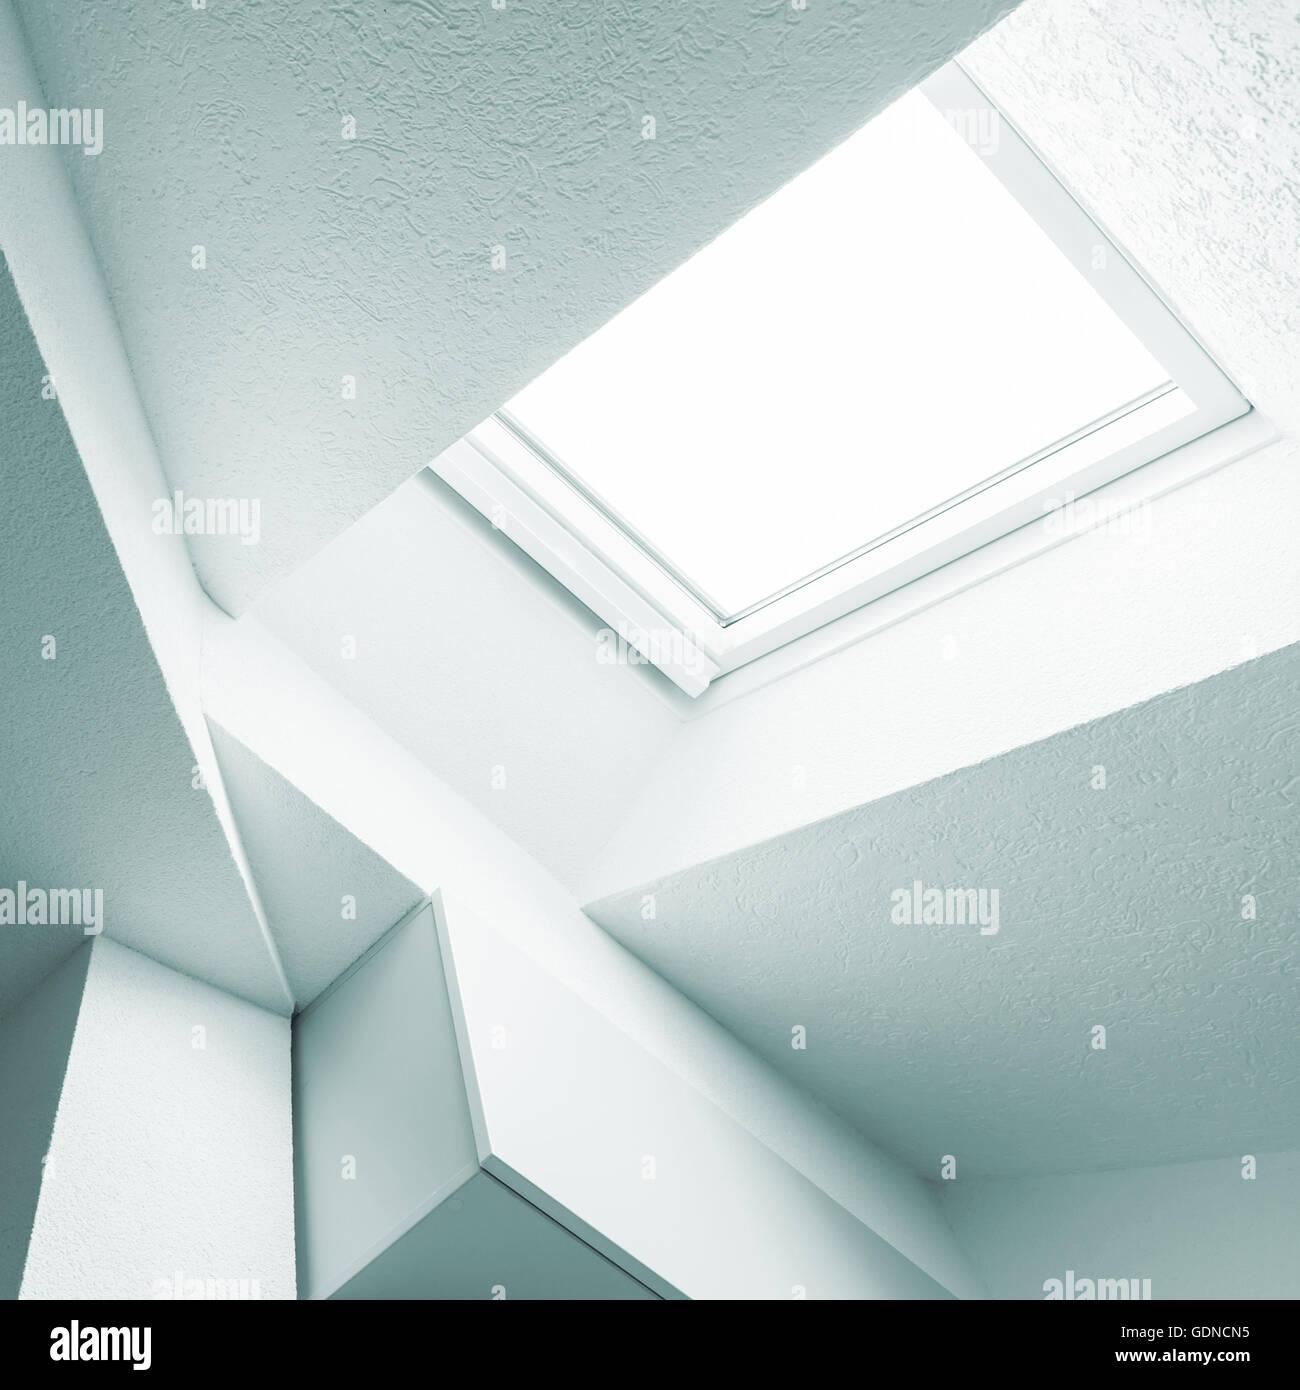 Abstrakte weiße innere Fragment mit Decke, Balken und Fenster. Blau ...